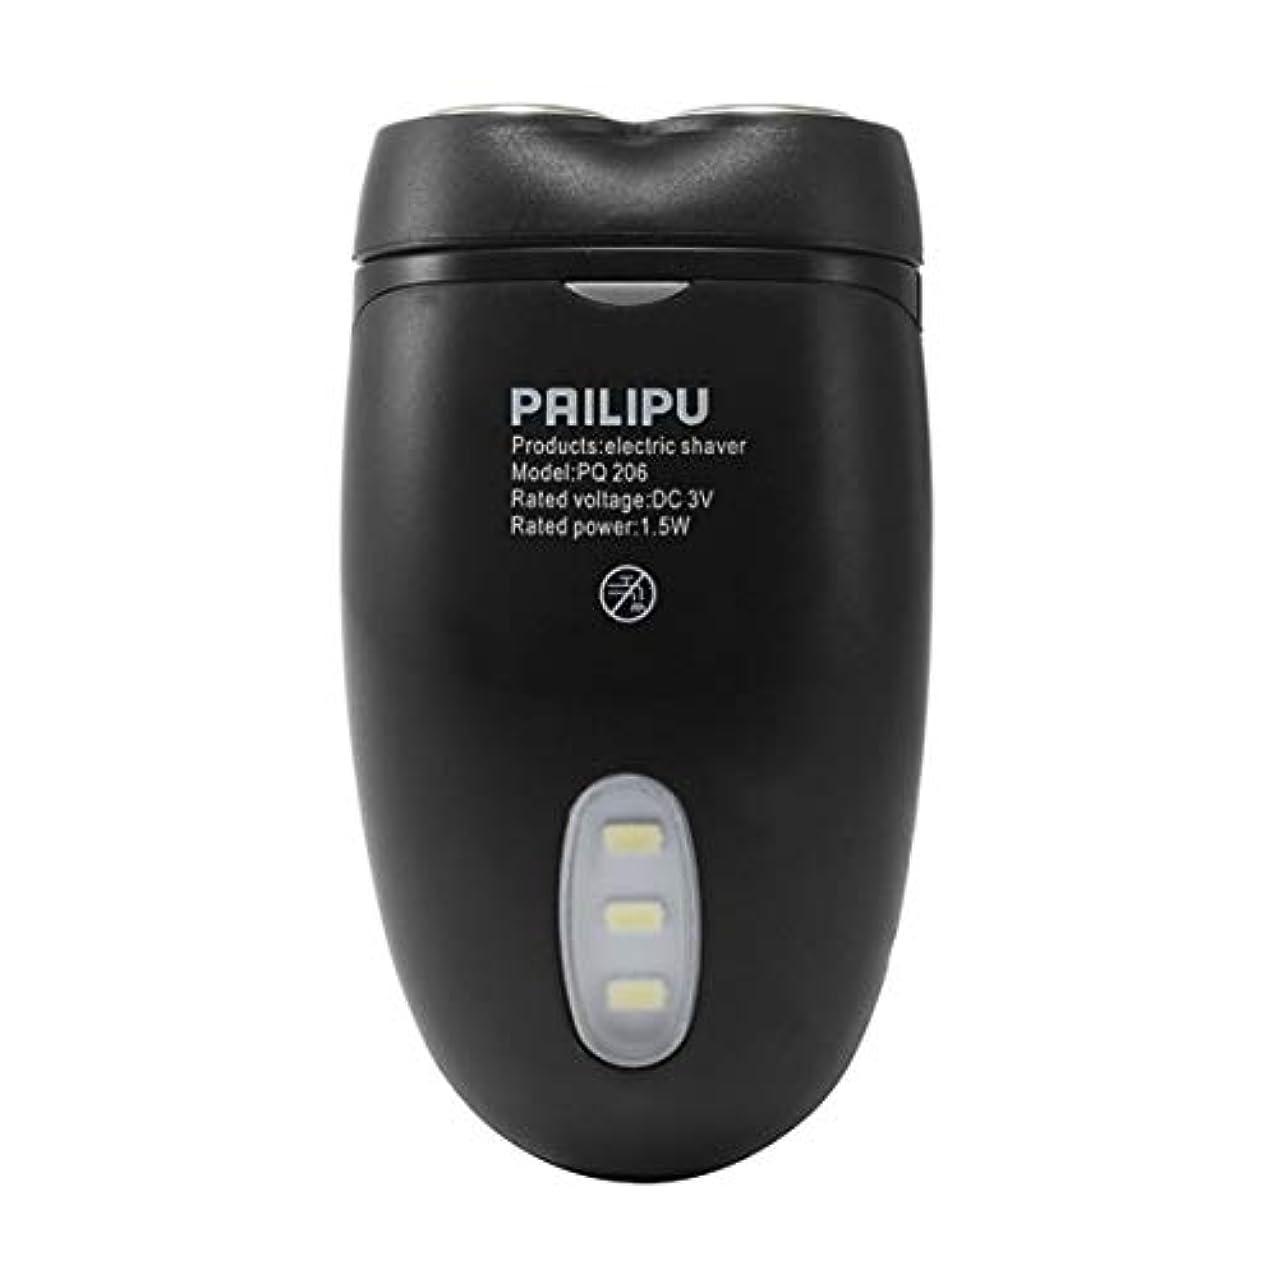 真面目なフォームサイクルLEDの照明のIntercorey人のコードレス電気シェーバーかみそりのひげのバリカン